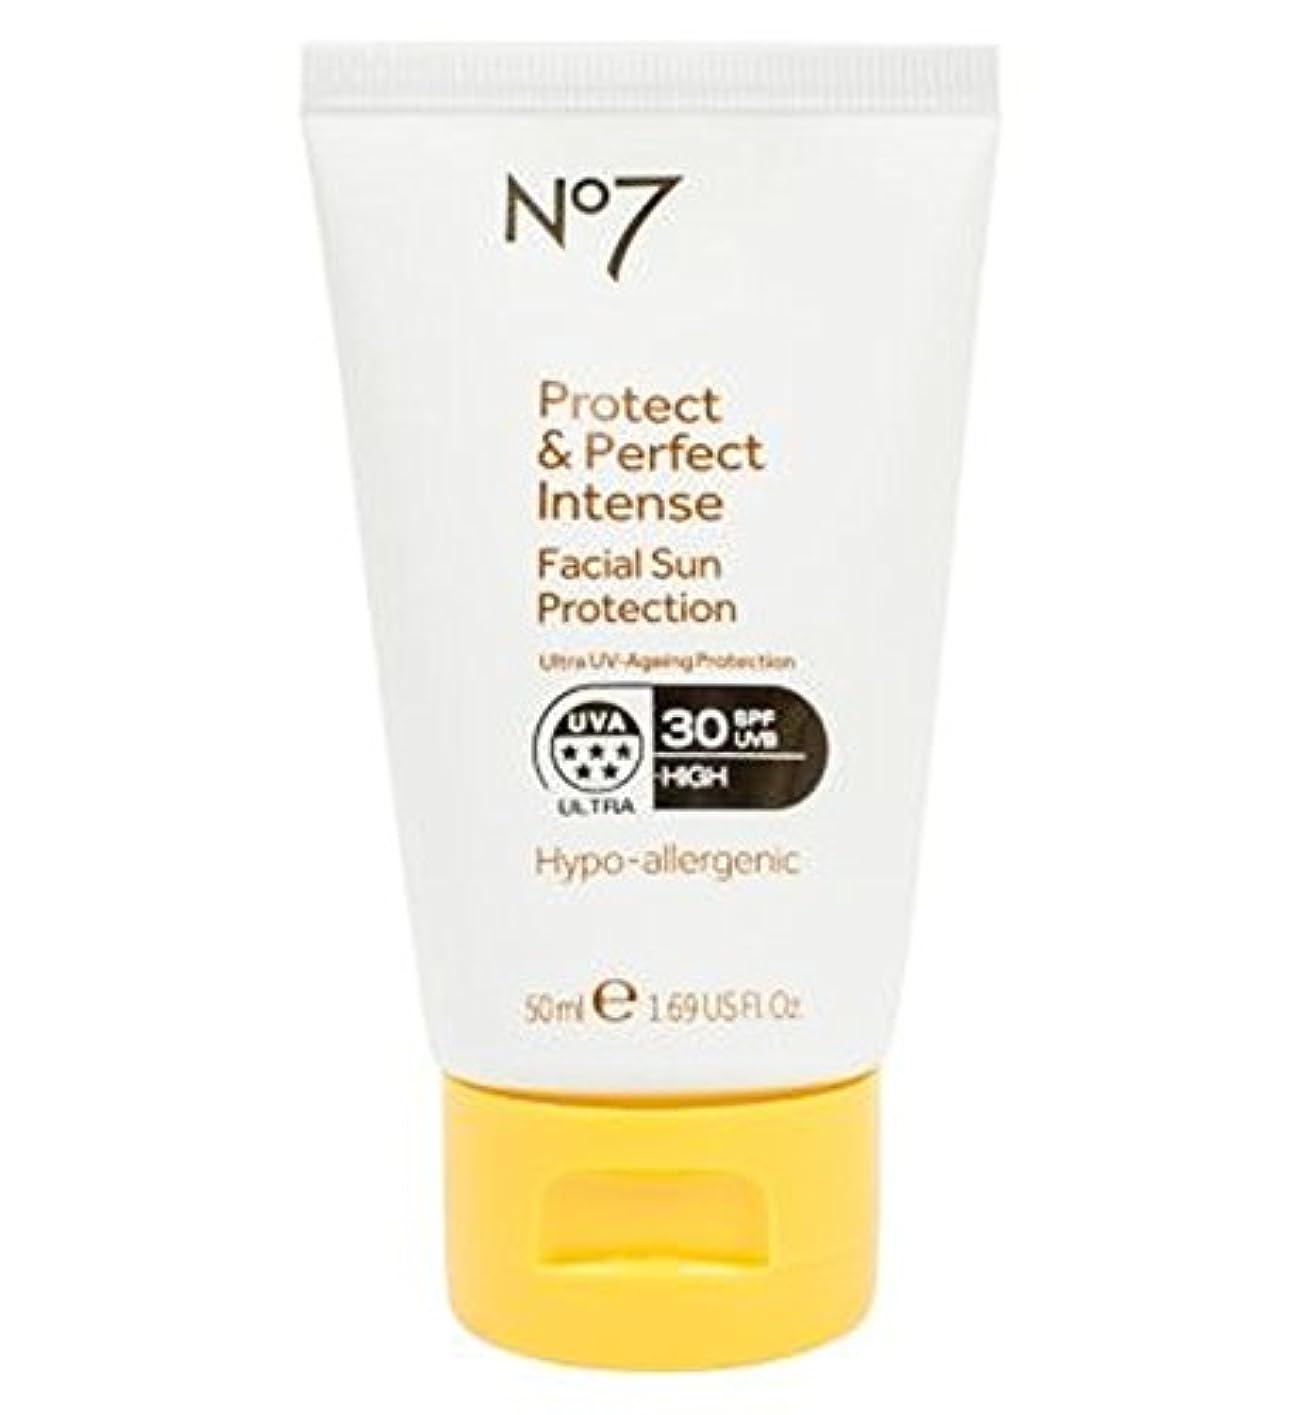 パイプ地域の雄弁なNo7 Protect & Perfect Intense Facial Sun Protection SPF 30 50ml - No7保護&完璧な強烈な顔の日焼け防止Spf 30 50ミリリットル (No7) [並行輸入品]